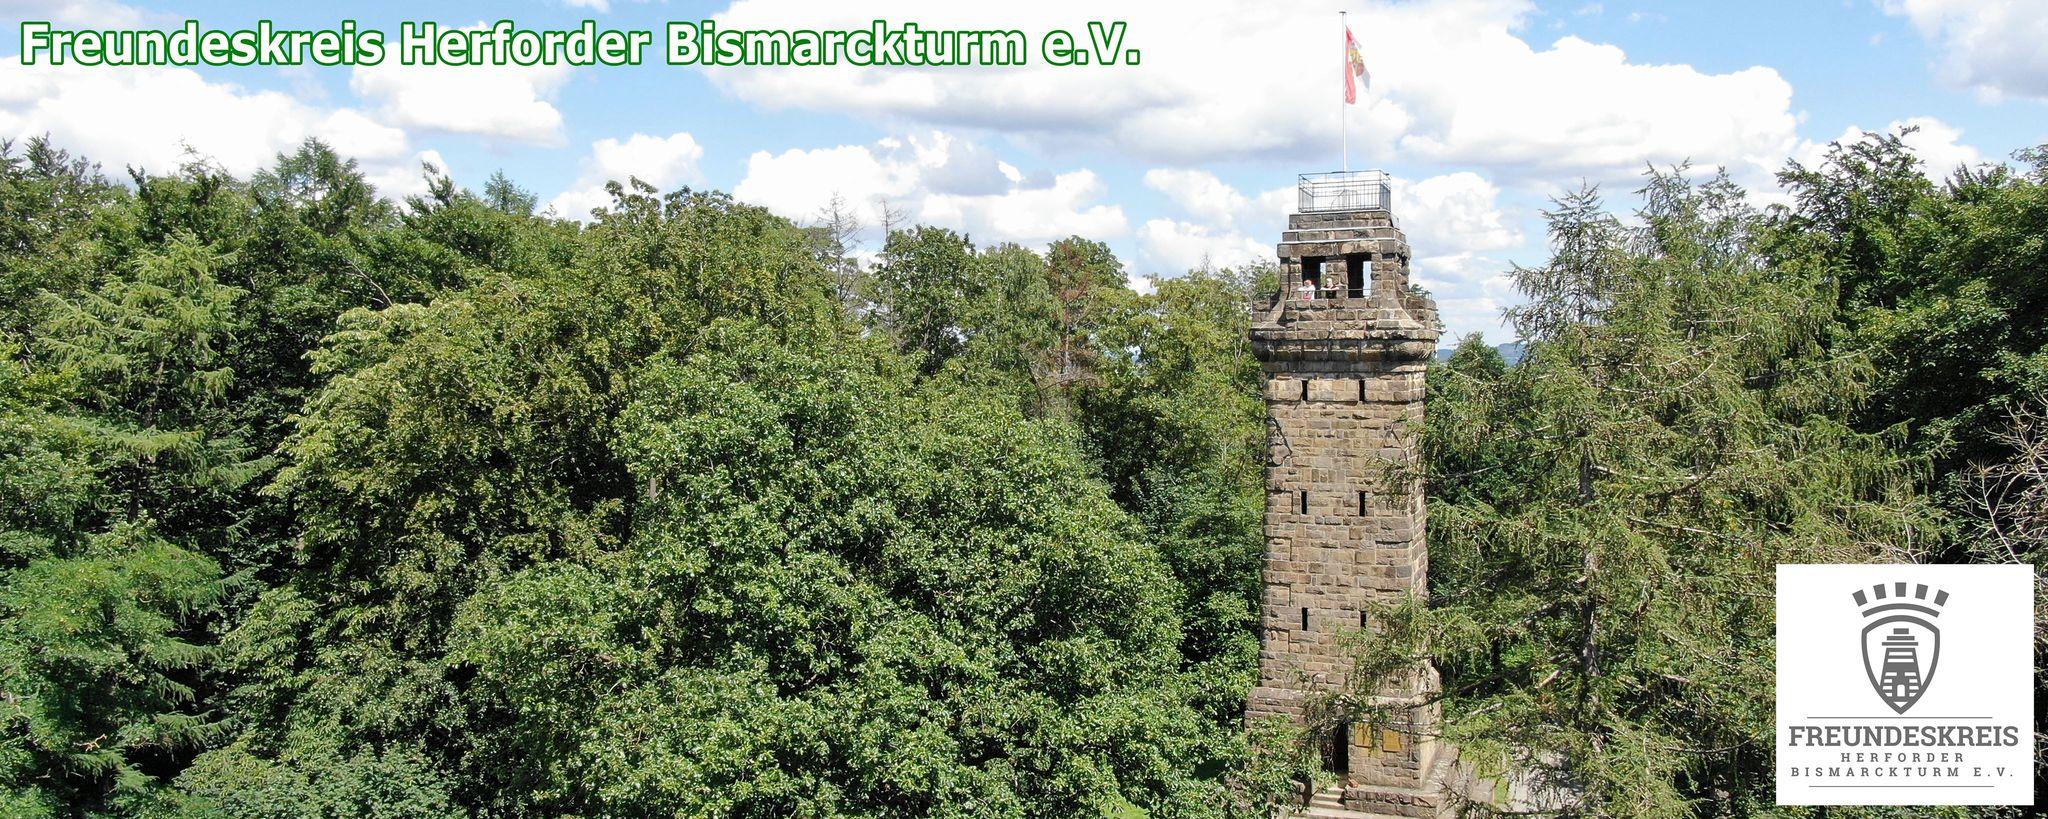 Freundeskreis Herforder Bismarckturm e.V.